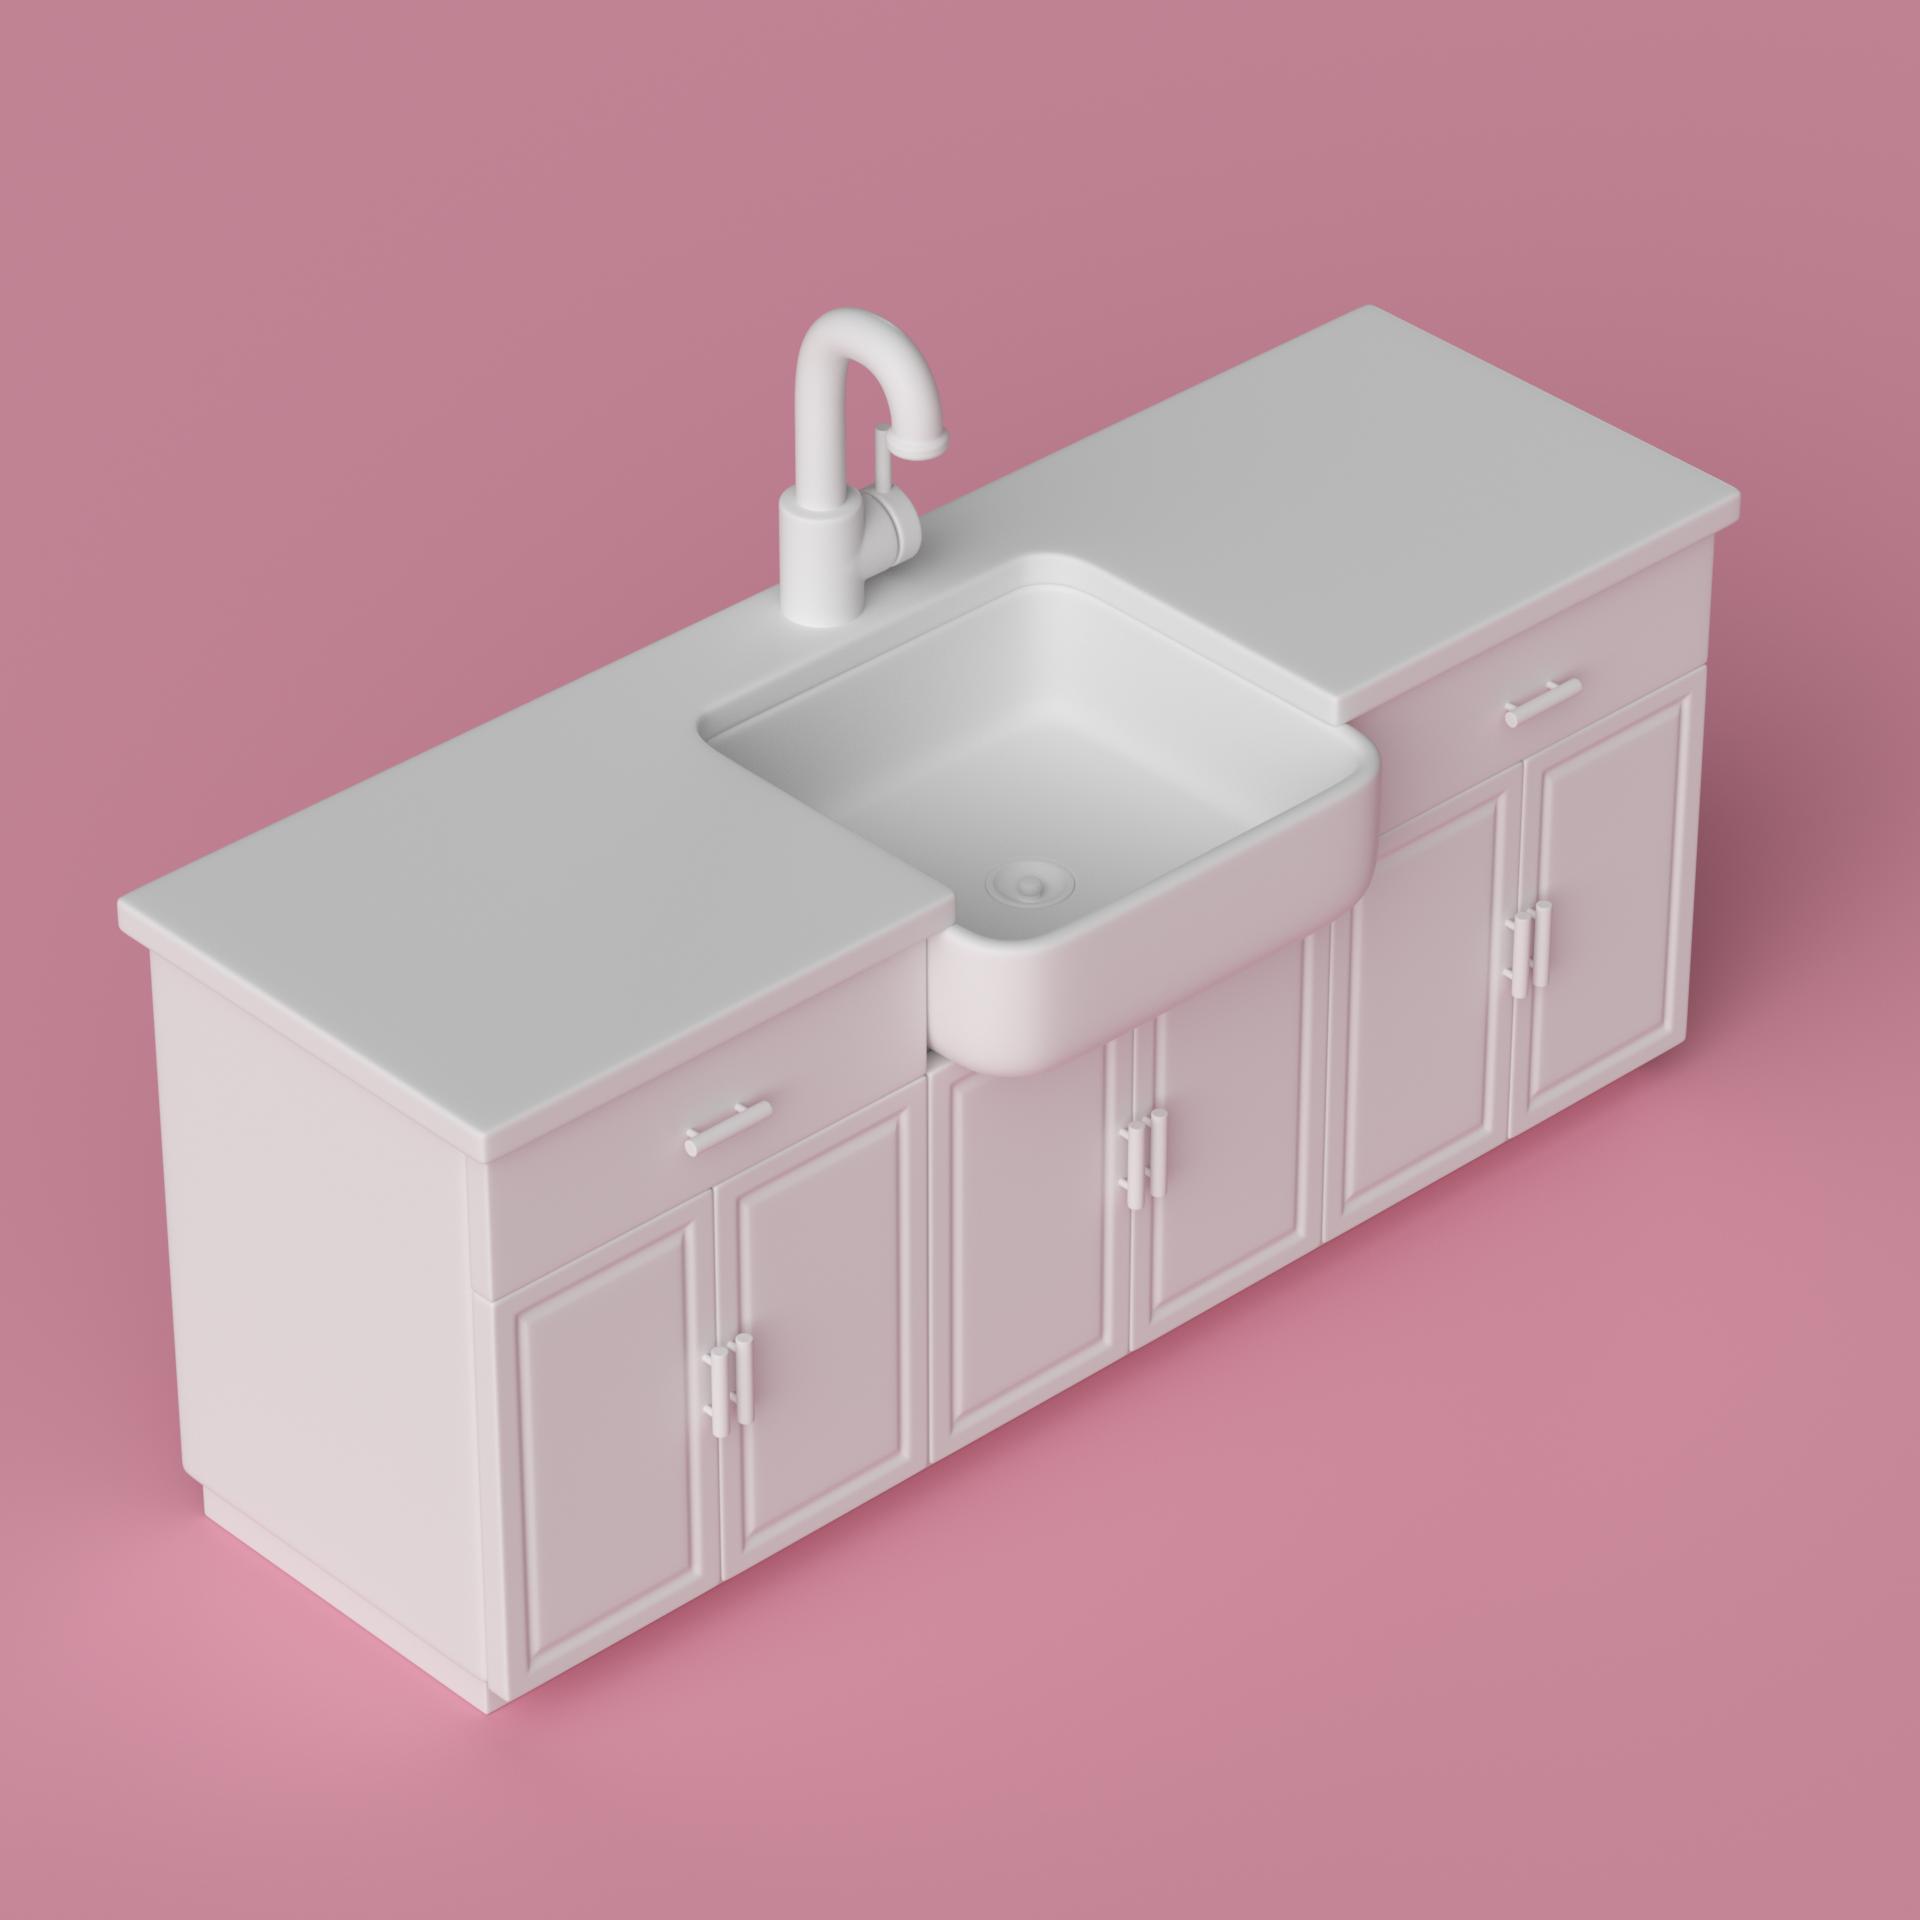 kitchen_sink.png